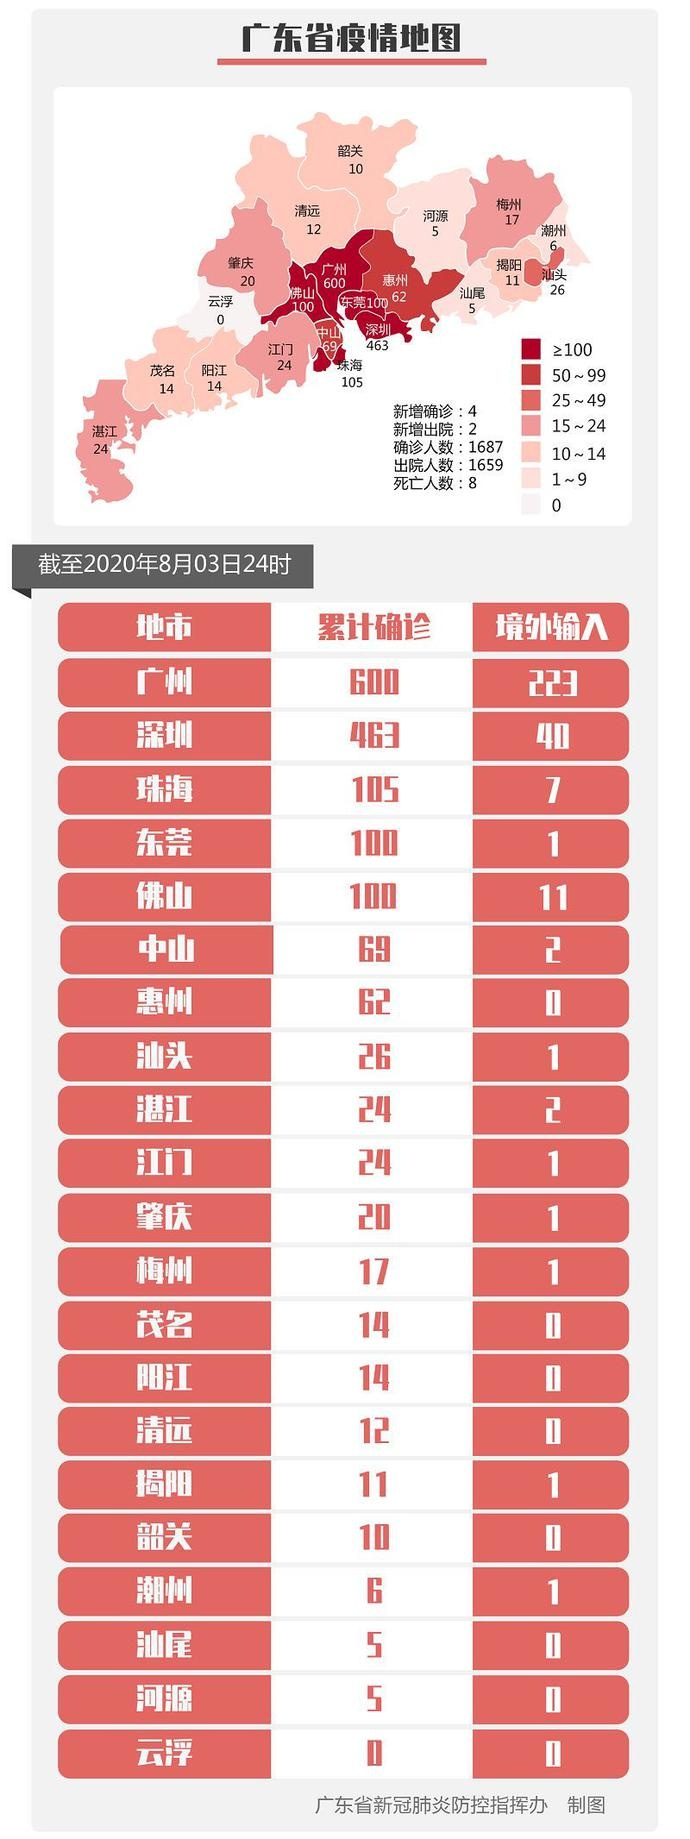 8月3日广东新增境外输入确诊病例4例、境外输入无症状感染者4例